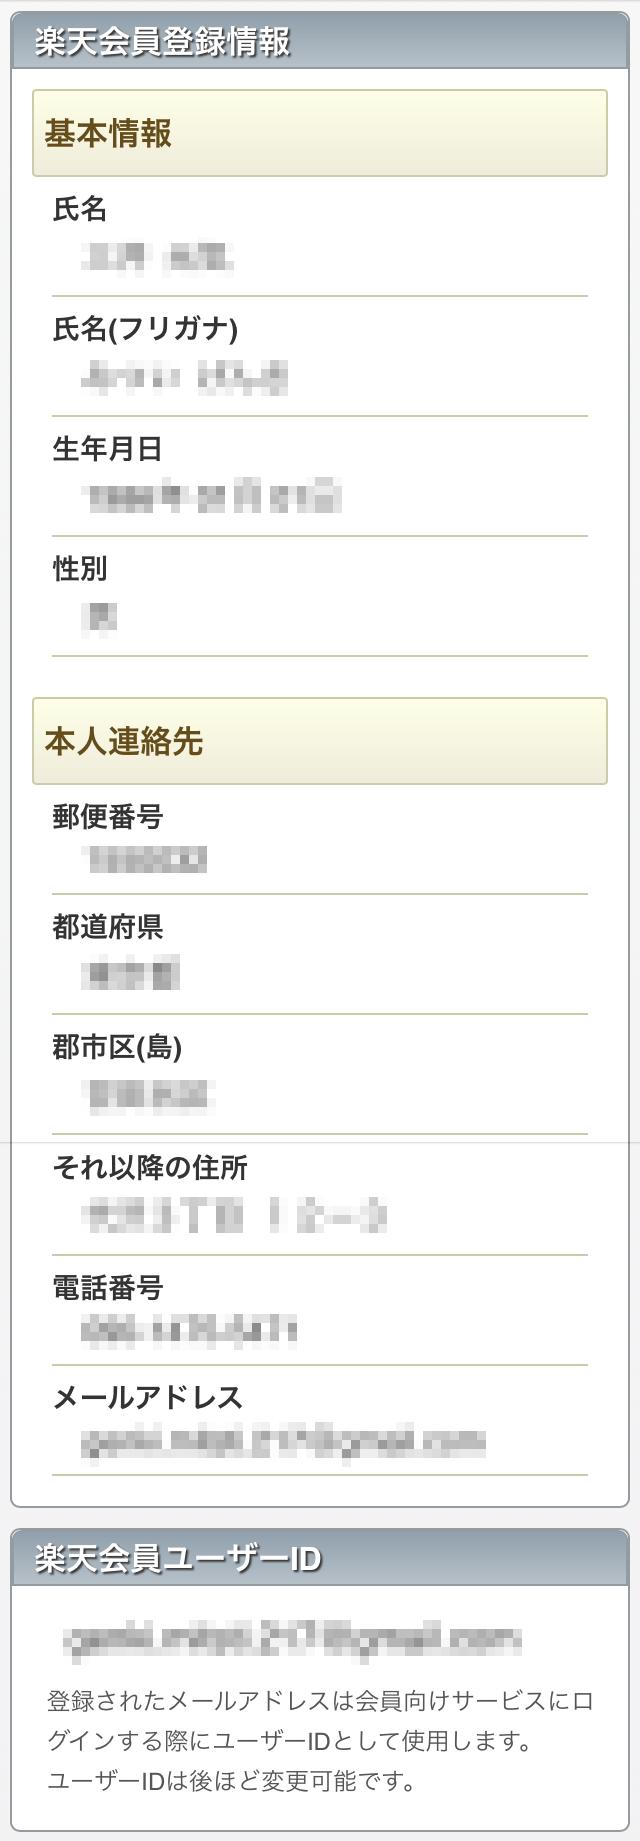 Xác nhận thông tin thành viên Rakuten